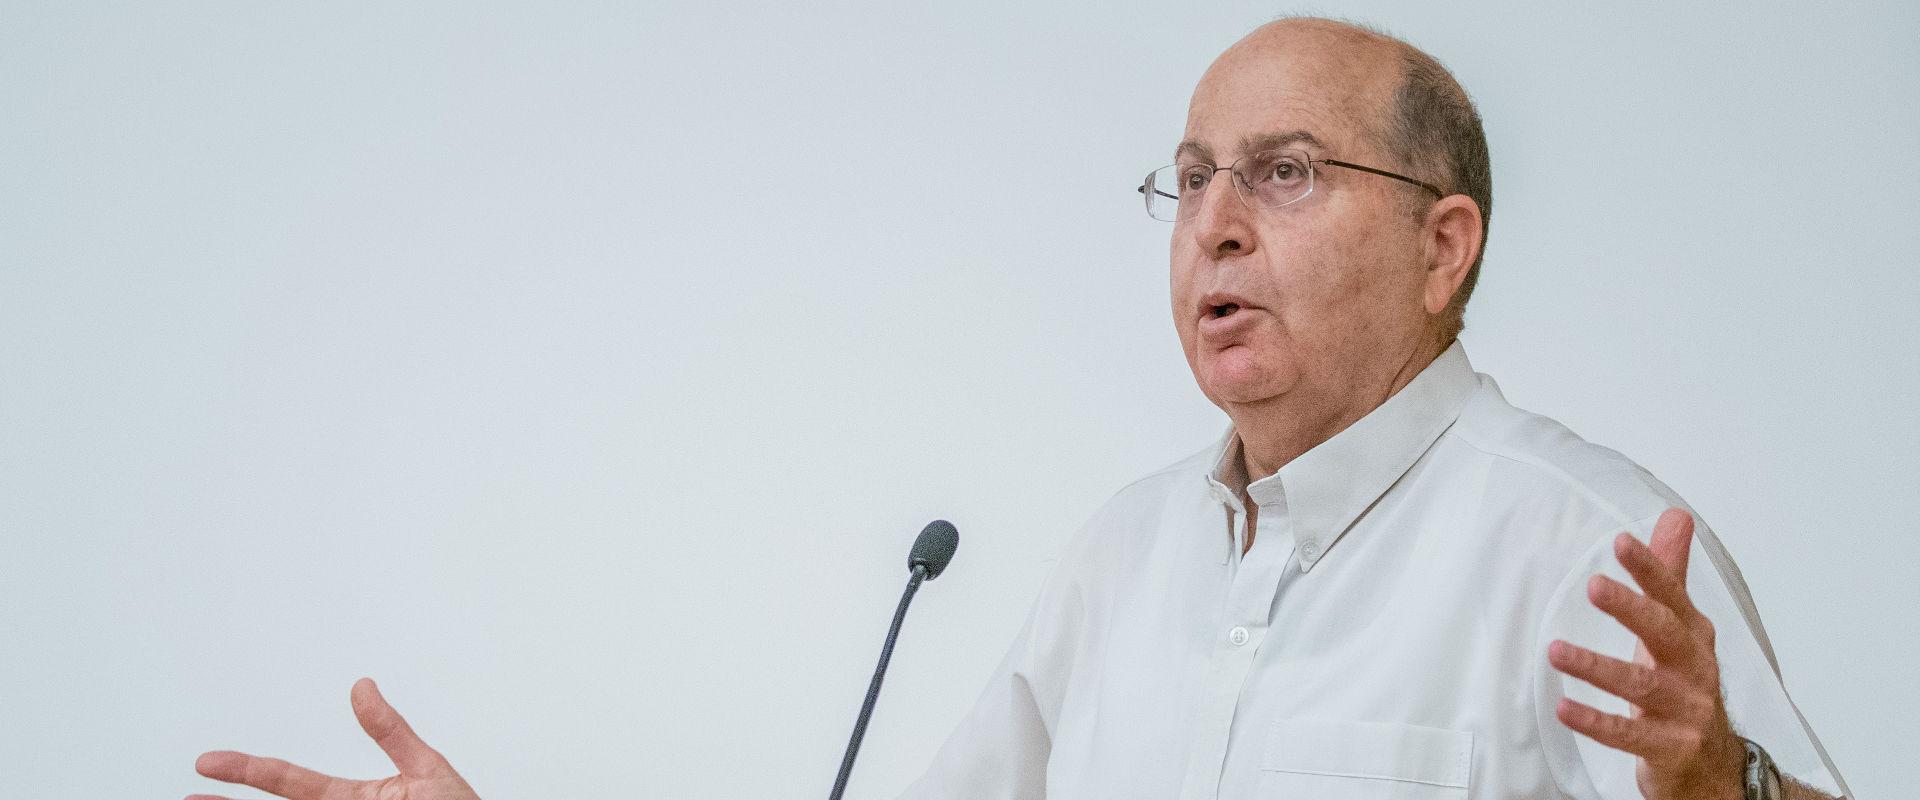 שר הביטחון לשעבר משה (בוגי) יעלון